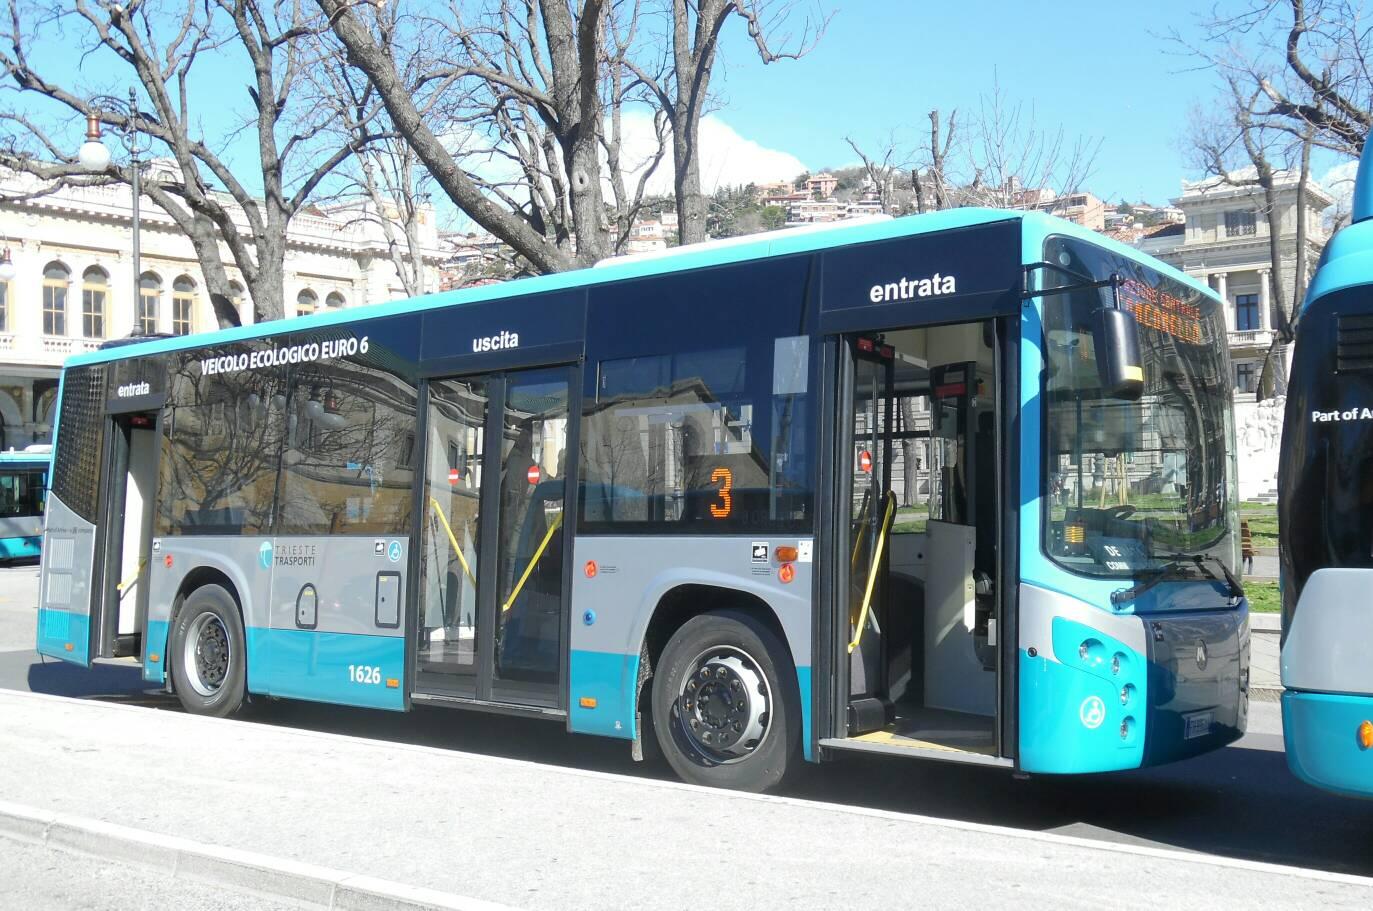 autobus 8 trieste orario - photo#4